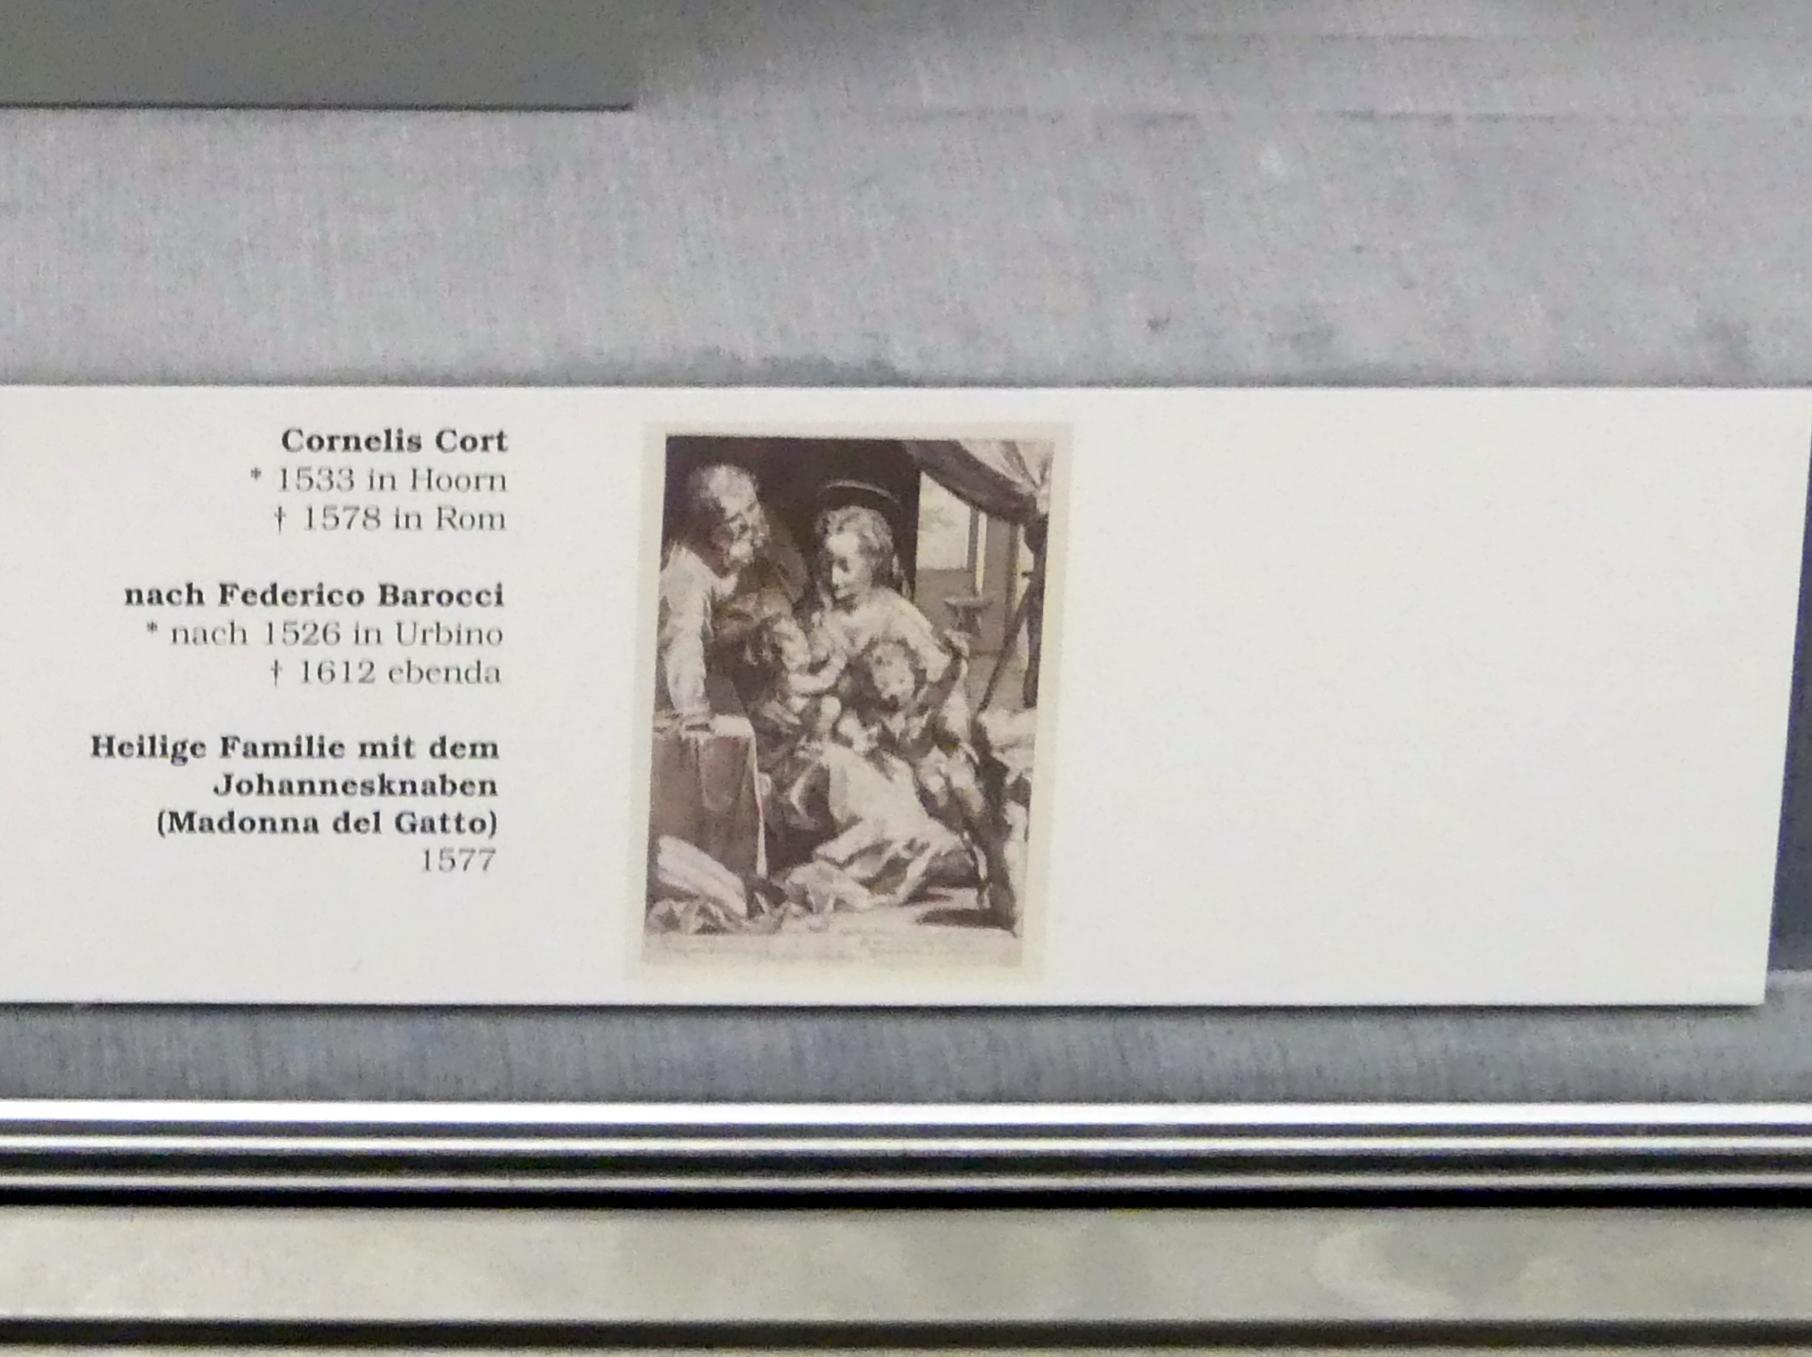 Hendrick Goltzius: Die Heilige Familie mit dem Johannesknaben, 1593, Bild 4/4